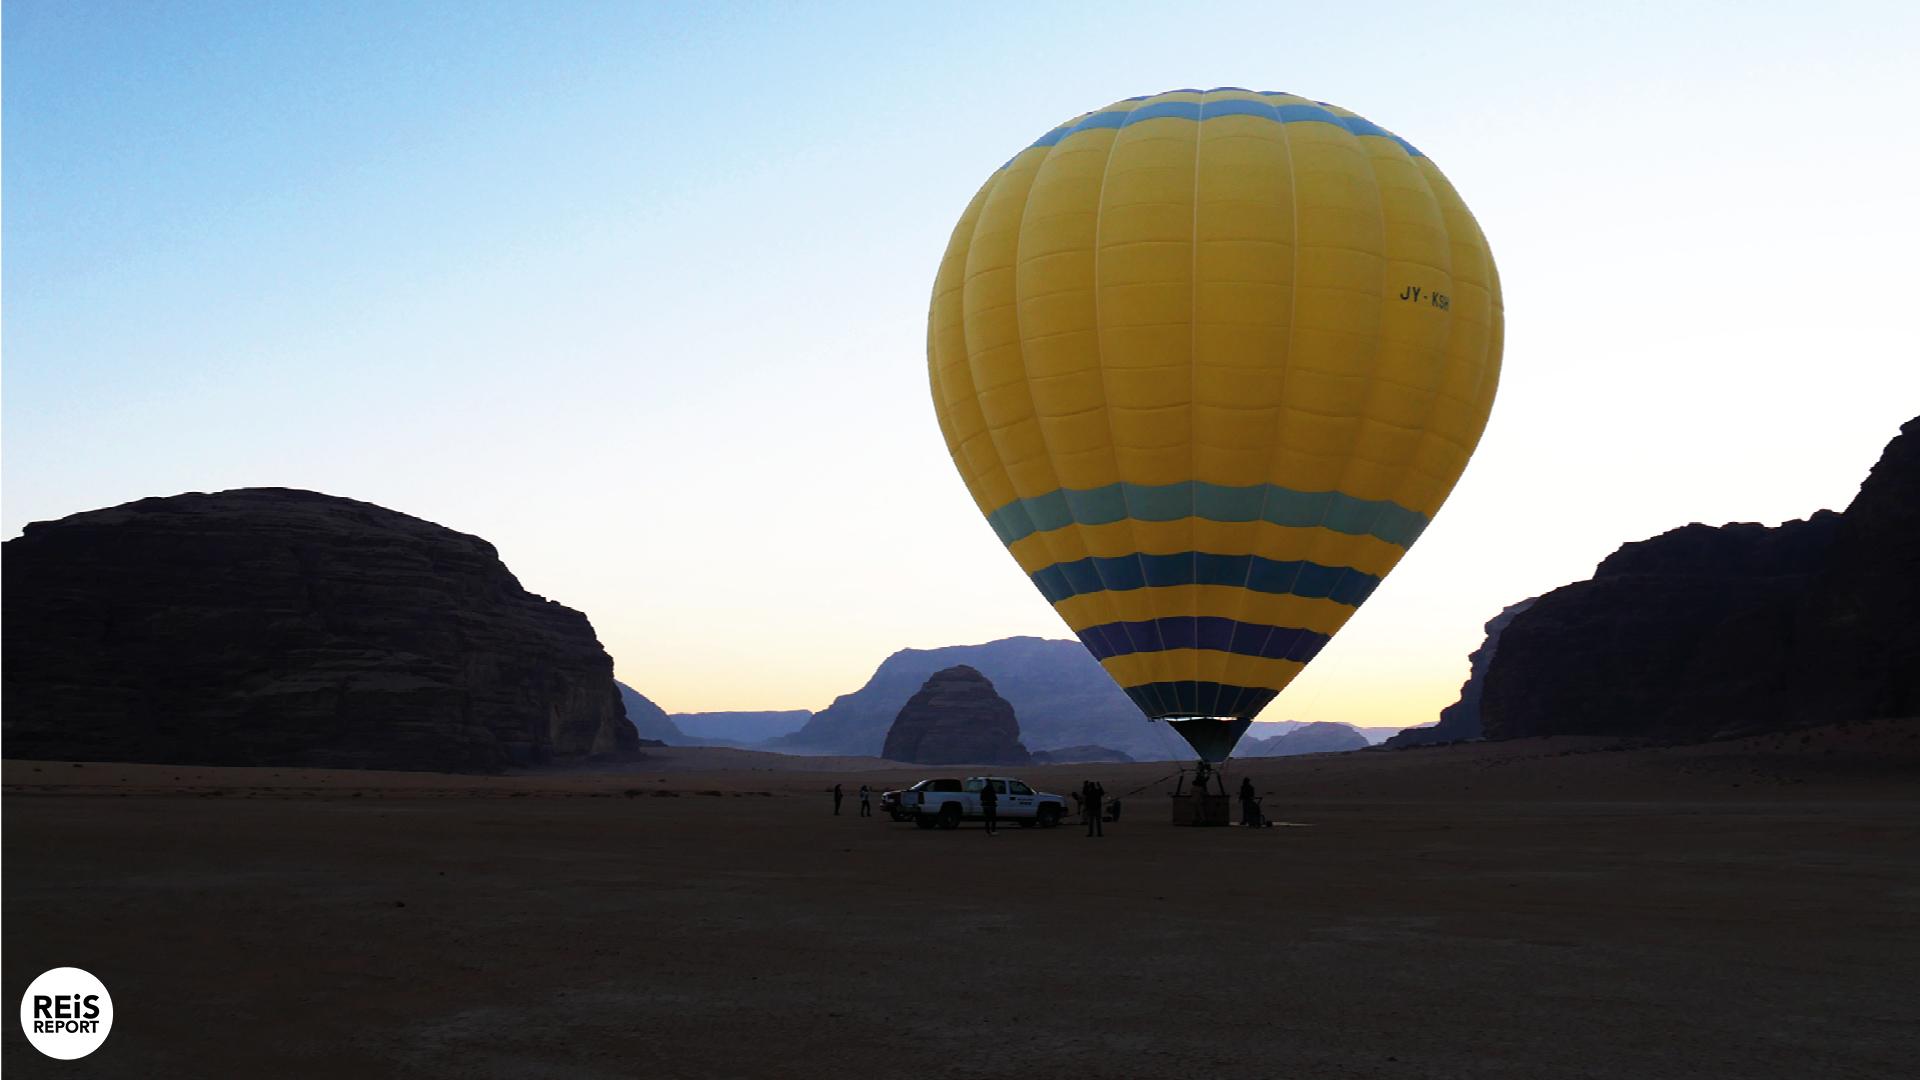 Luchtballonvaart over de Wadi Rum cover